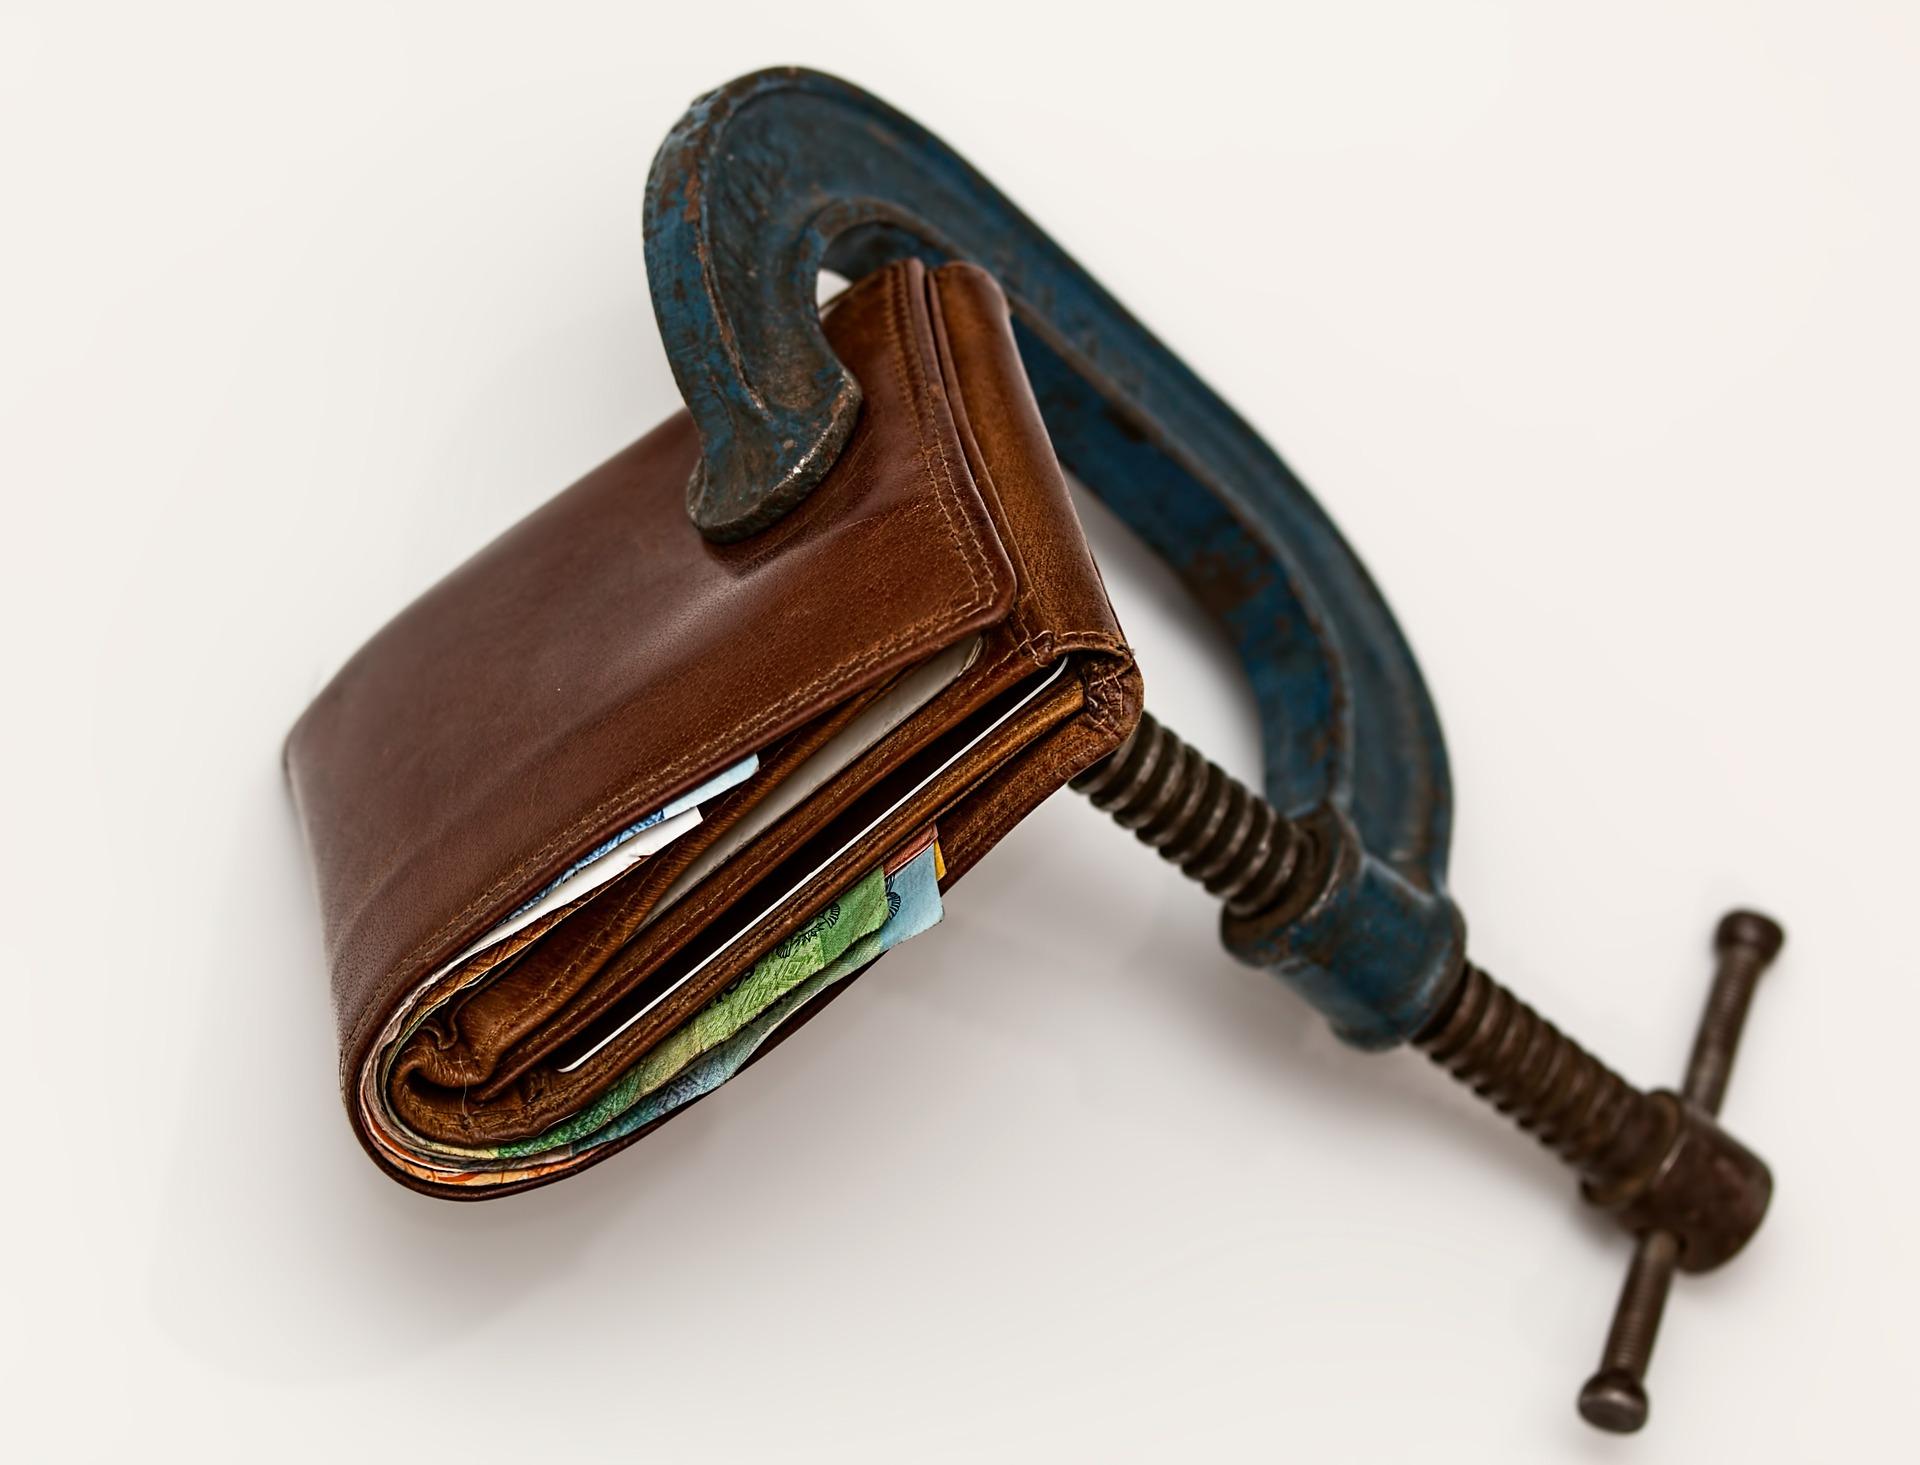 節約,生活費,アーリーリタイア ,セミリタイア,早期退職